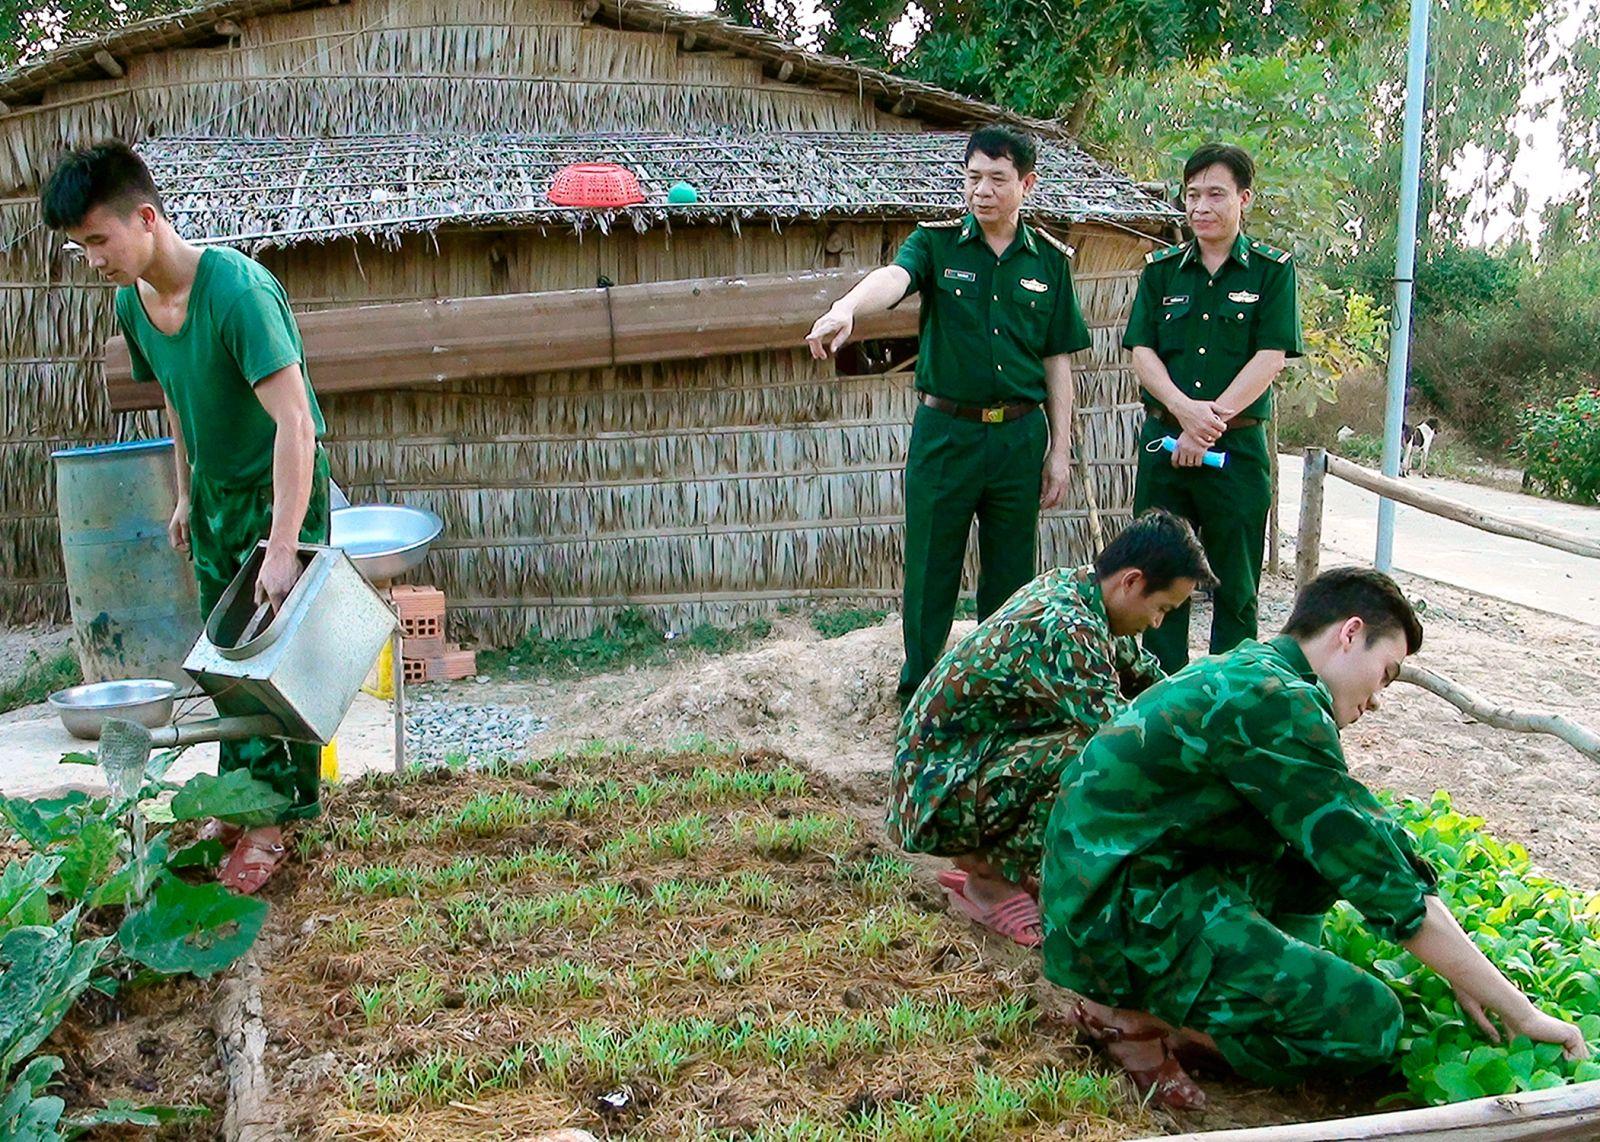 Các chiến sĩ nơi đây đã biến mảnh đất khô cằn thành một vườn rau tươi tốt